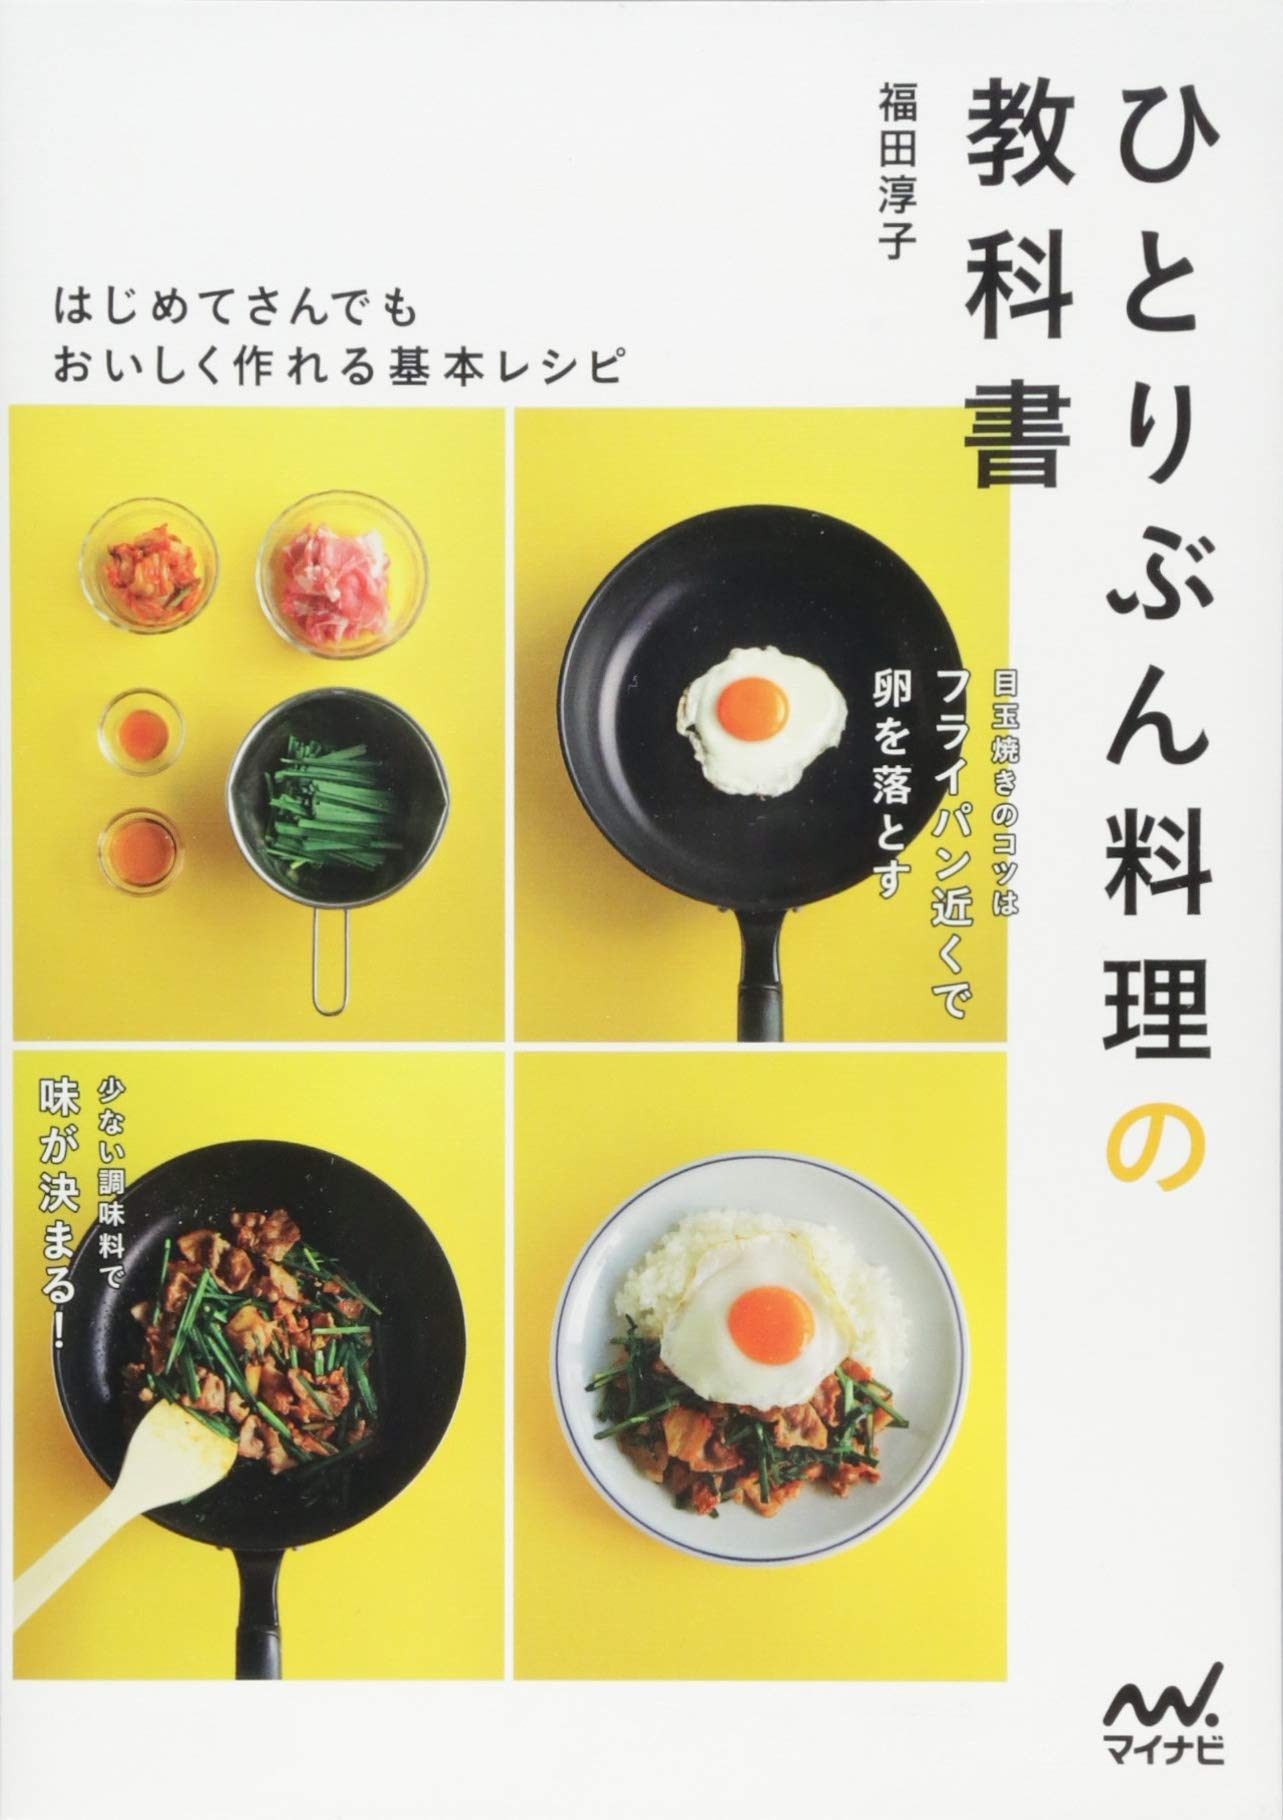 ひとりぶん料理の教科書 ~はじめてさんでもおいしく作れる基本レシピ~ 著:福田淳子